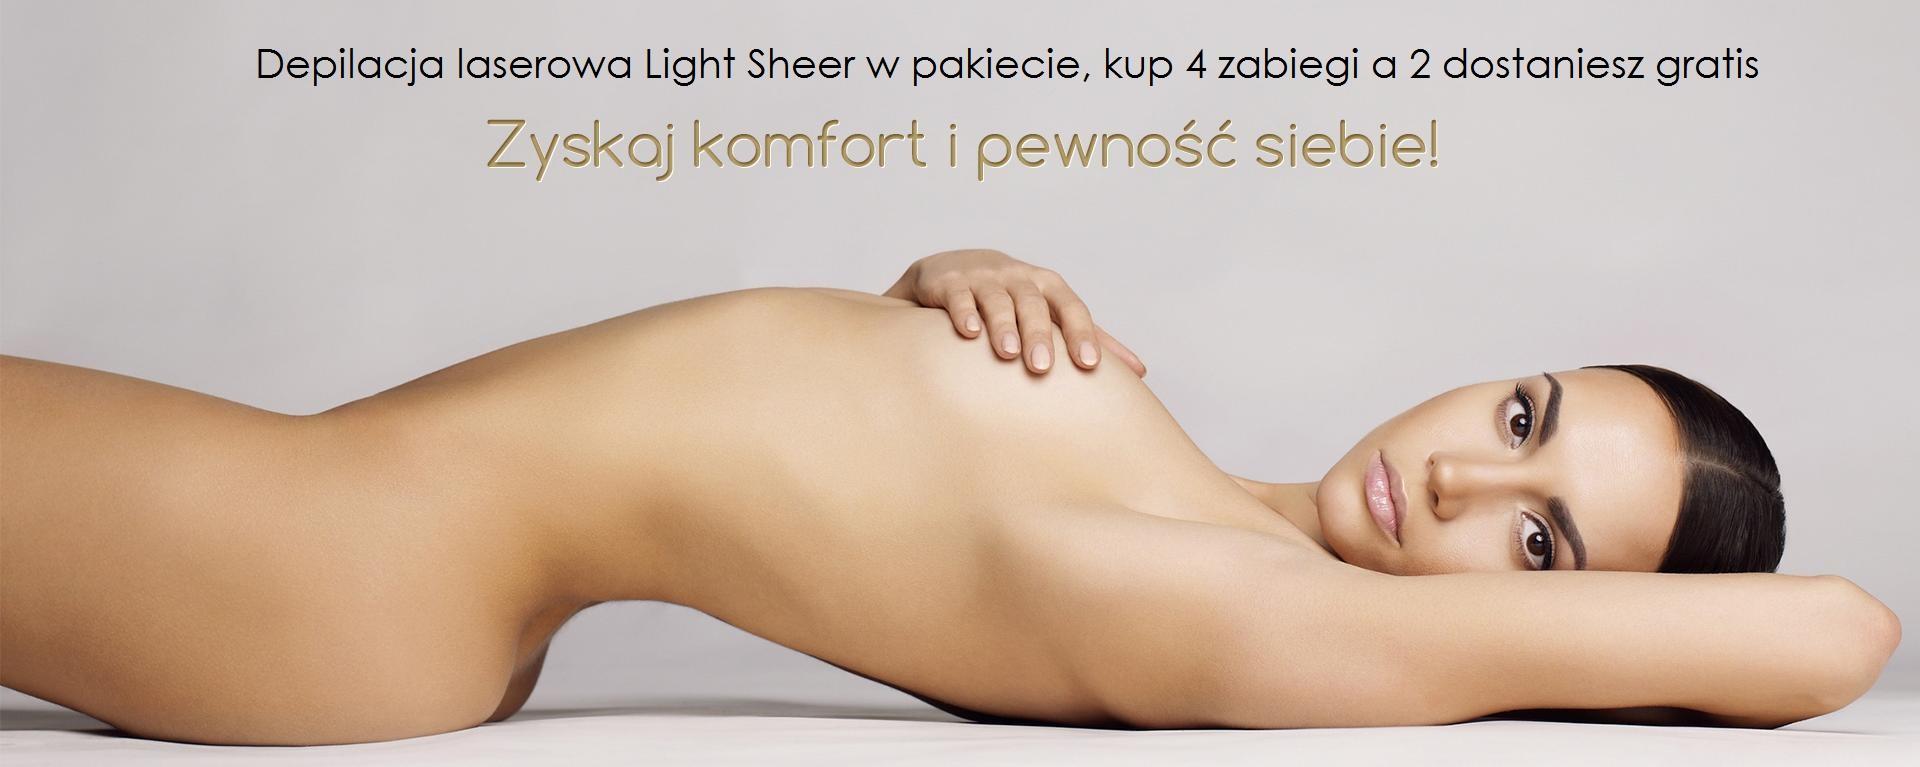 Specjaliści w Depilacji Laserowej - Pakiet depilacji laserowej Light Sheer 4